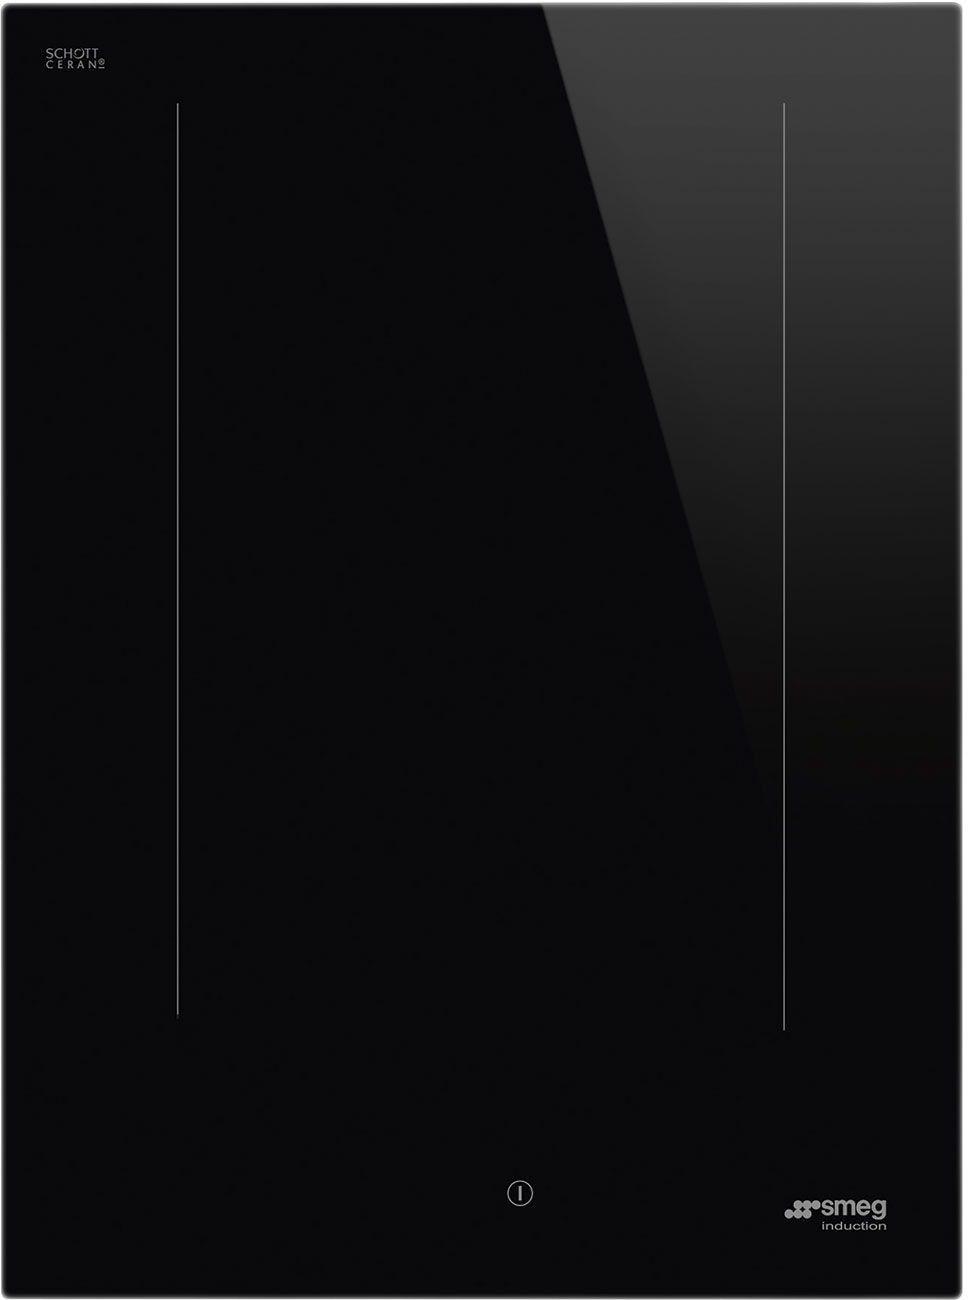 Płyta Smeg SIM3323D - Użyj Kodu - Raty 20 x 0% I Kto pyta płaci mniej I dzwoń tel. 22 266 82 20 !